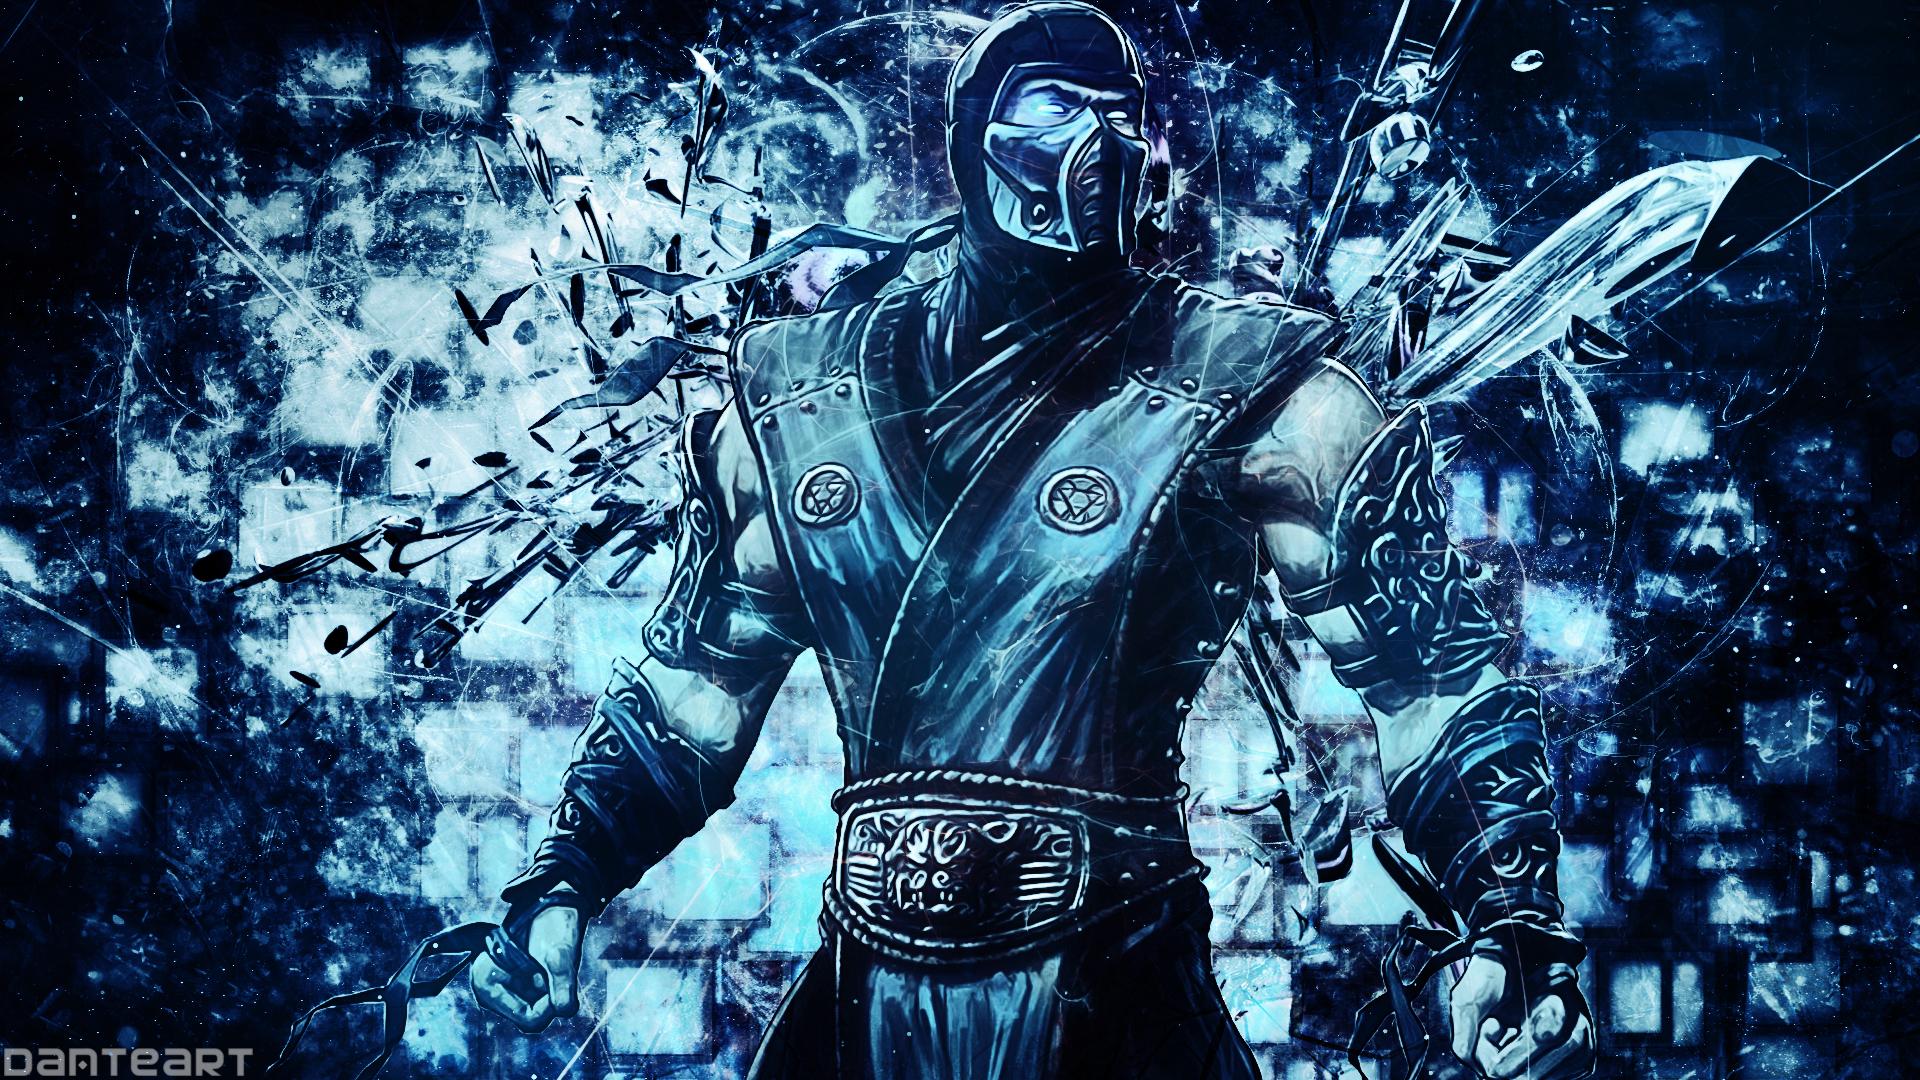 Mortal Kombat Sub Zero Wallpaper By DanteArtWallpapers On